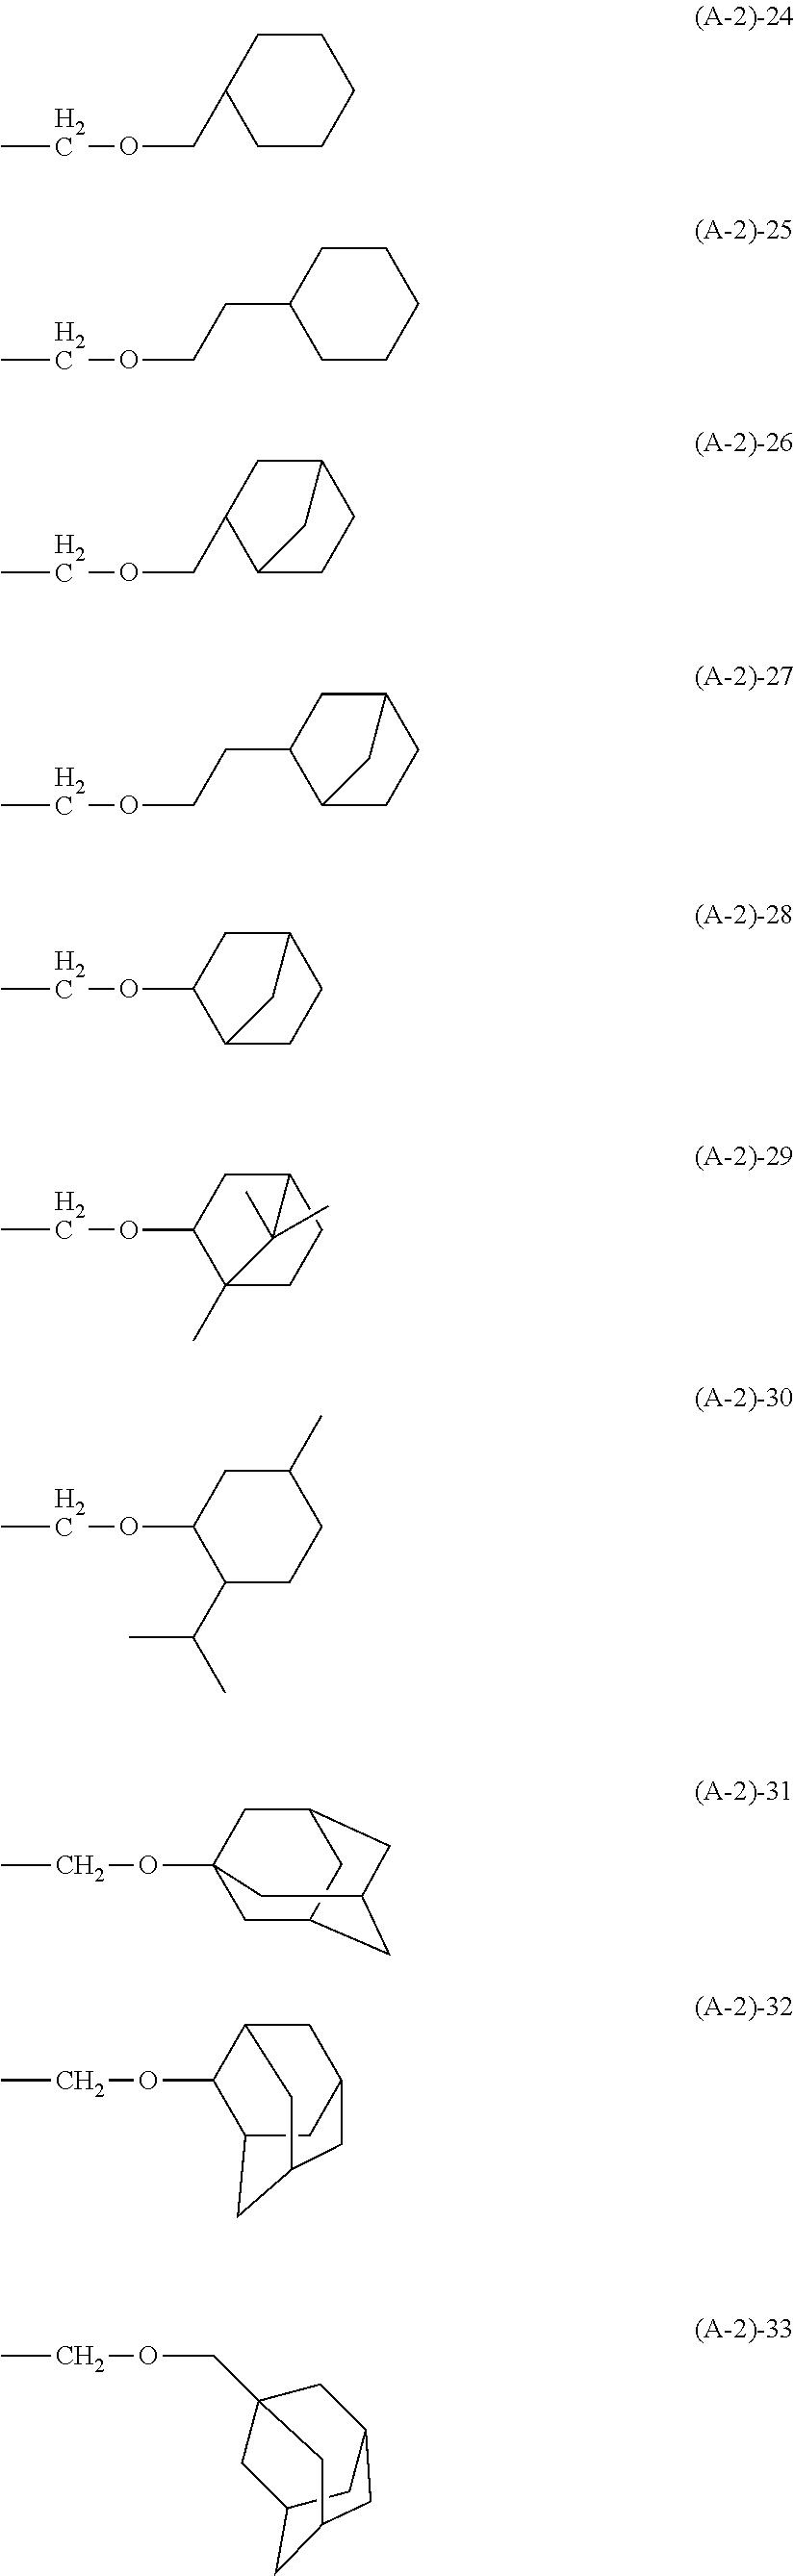 Figure US08129086-20120306-C00043